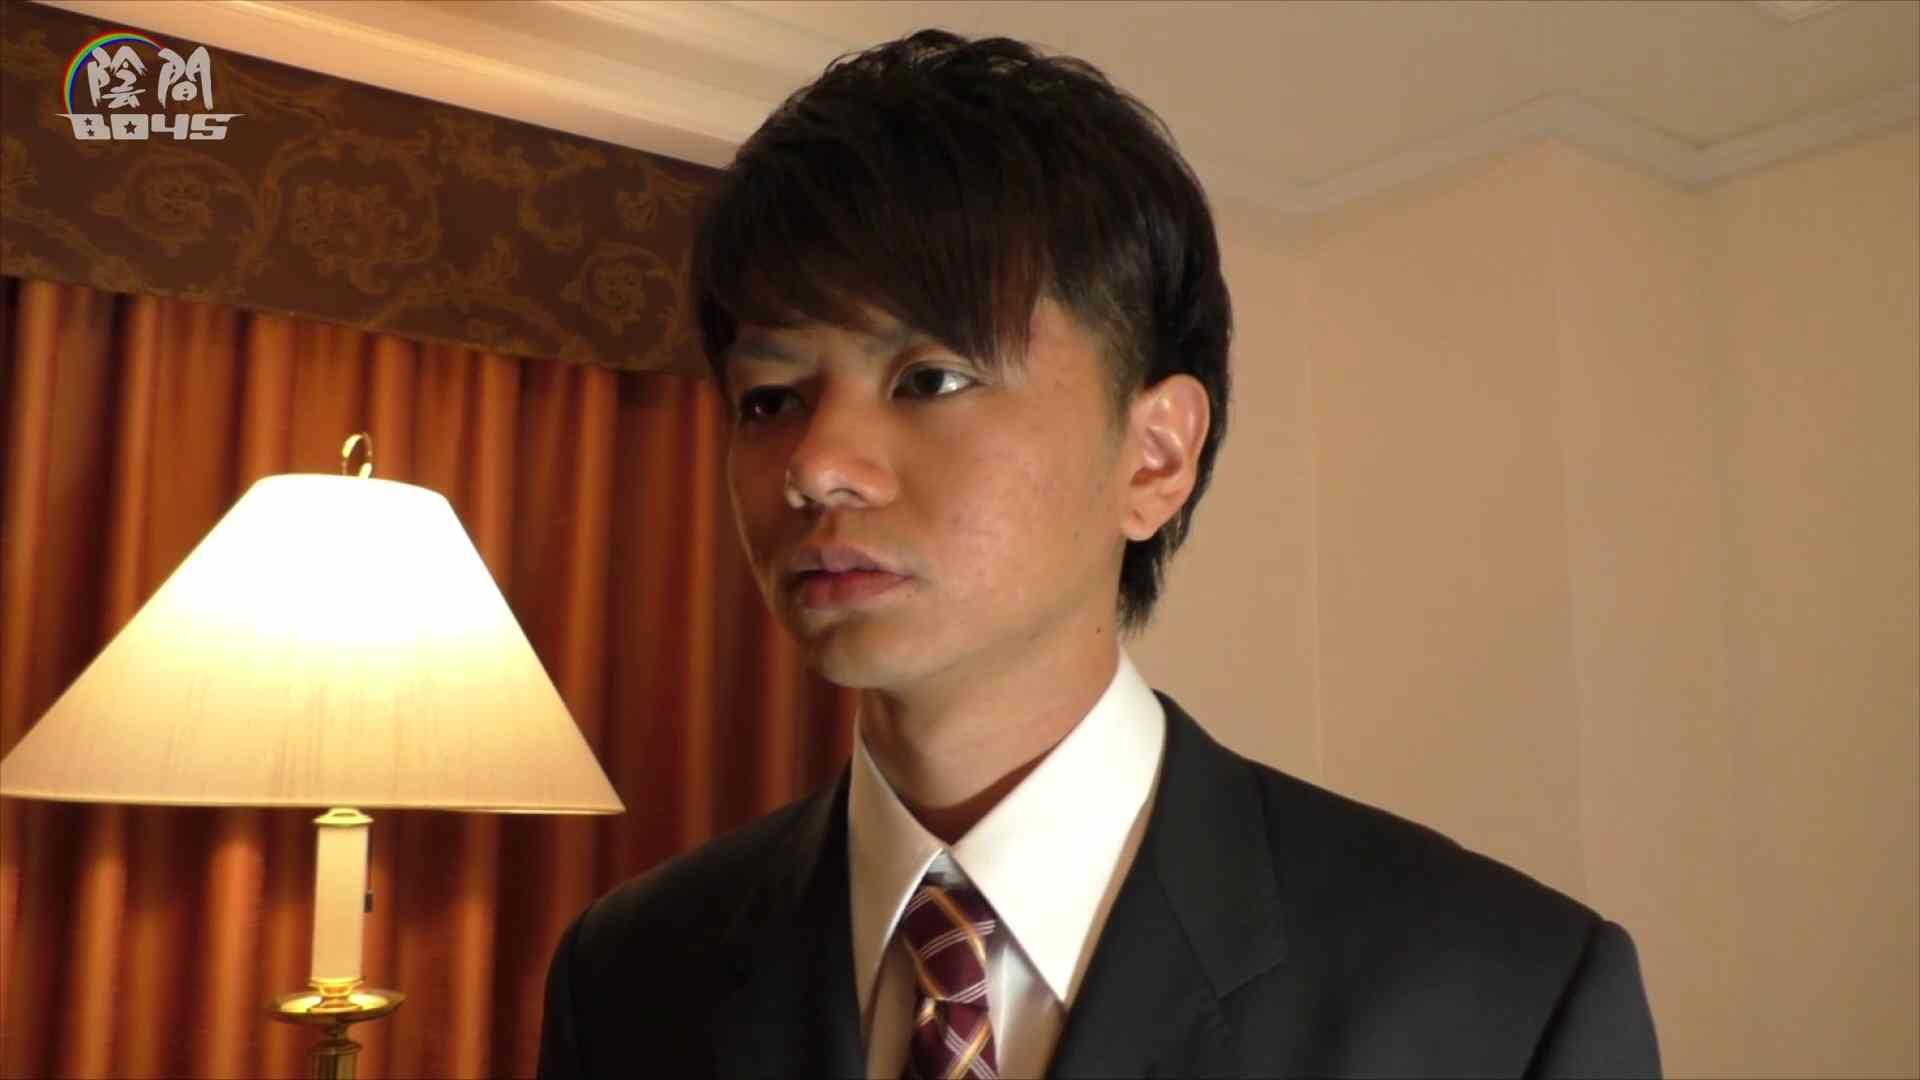 陰間BOYS~キャバクラの仕事はアナルから4 Vol.01 エッチ ゲイエロ動画 108pic 62